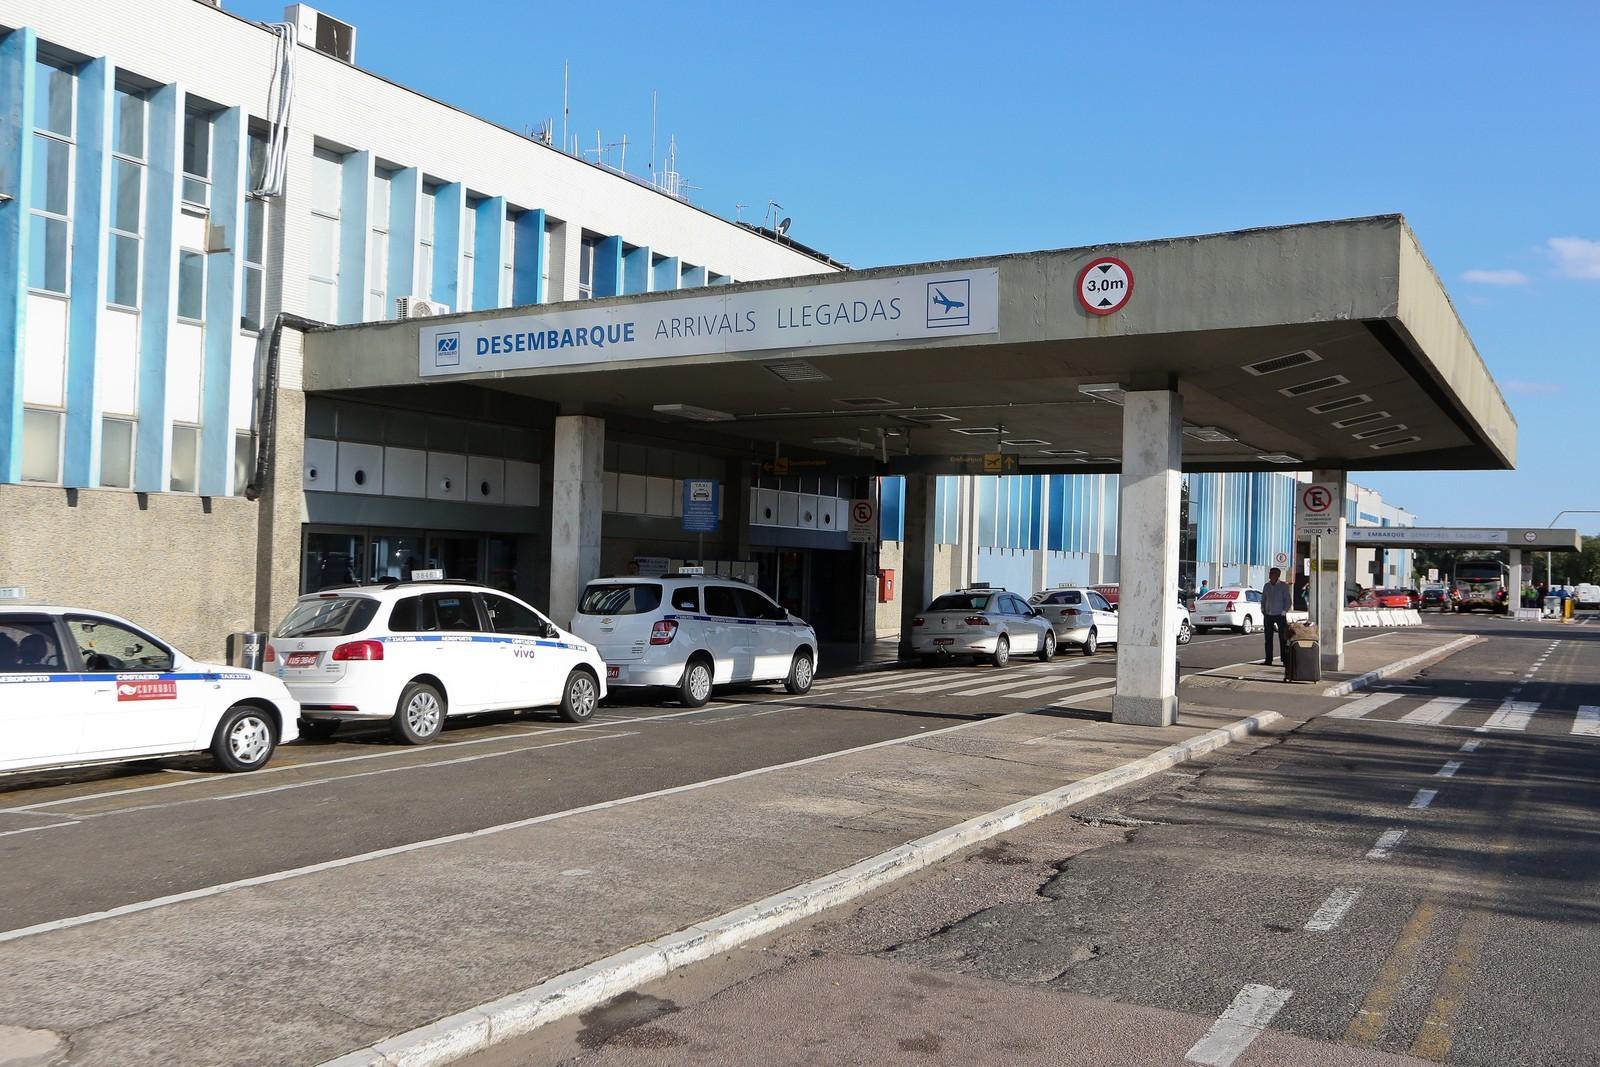 Aeroporto Internacional Salgado Filho passa a concentrar todas as operações no mesmo terminal - Notícias - Plantão Diário